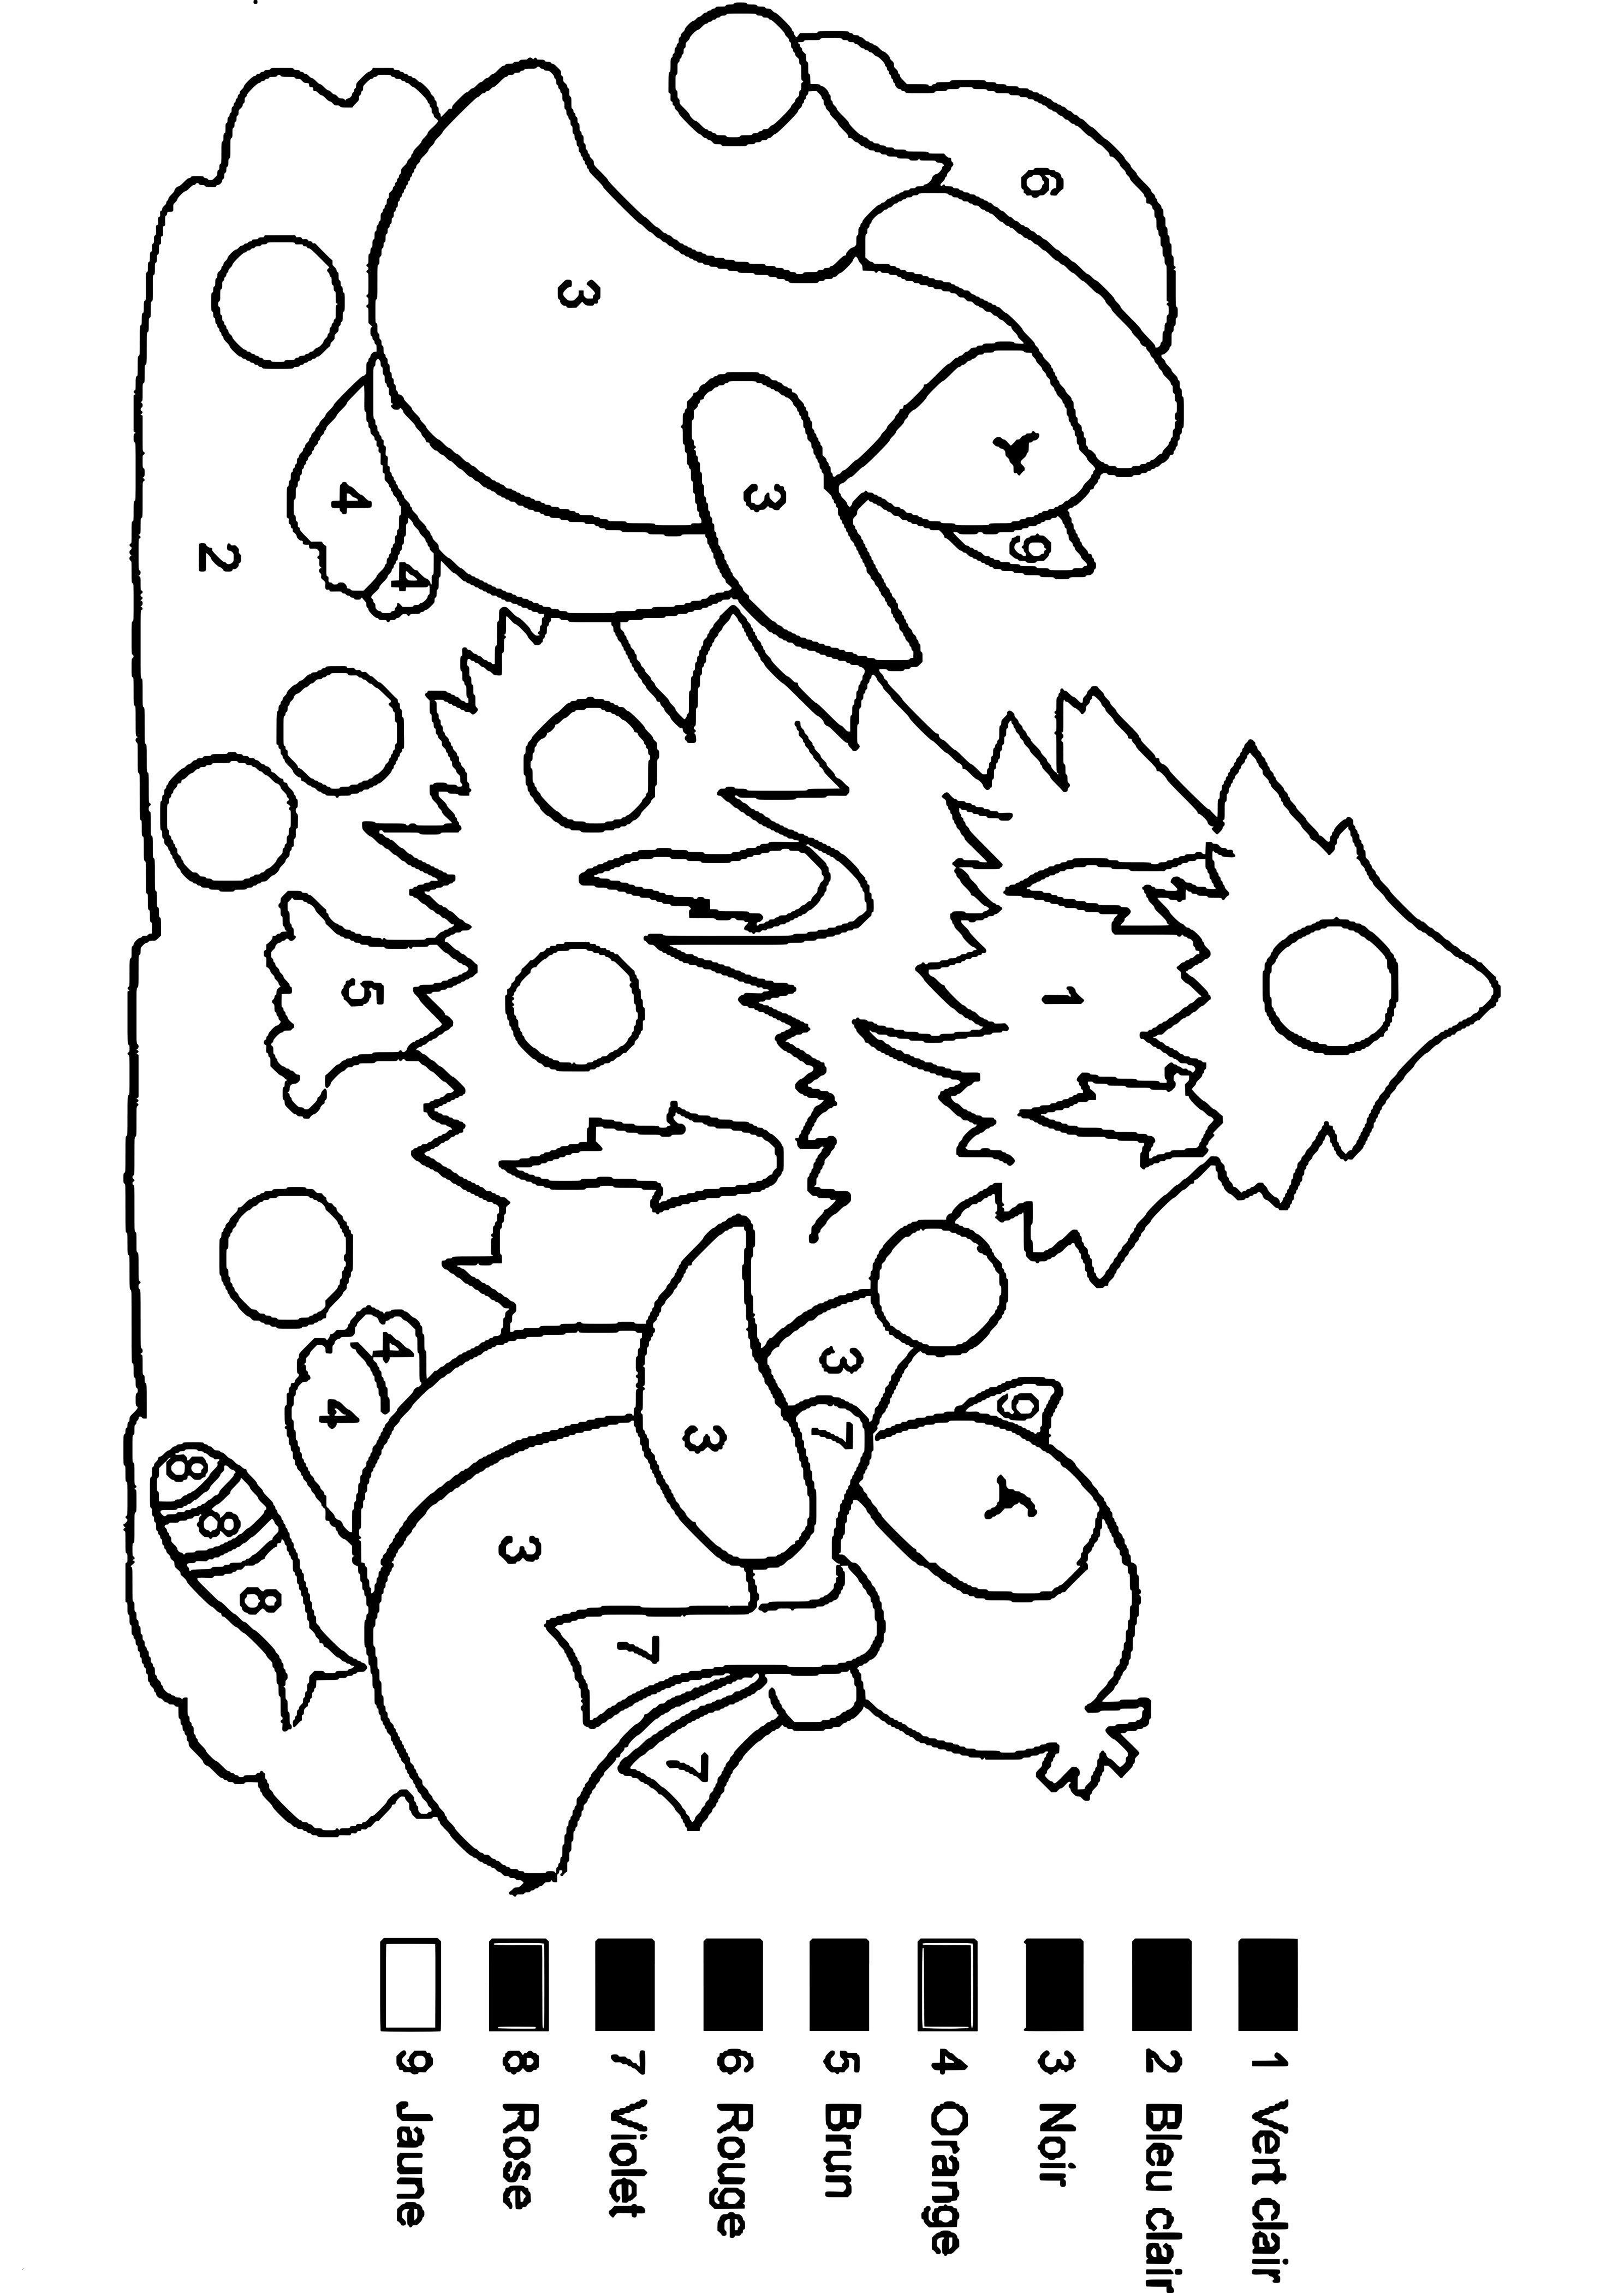 Ausmalbilder Winnie Pooh Und Seine Freunde Malvorlagen Genial 37 Ausmalbilder Winnie Puuh Scoredatscore Best Winnie Puuh Galerie